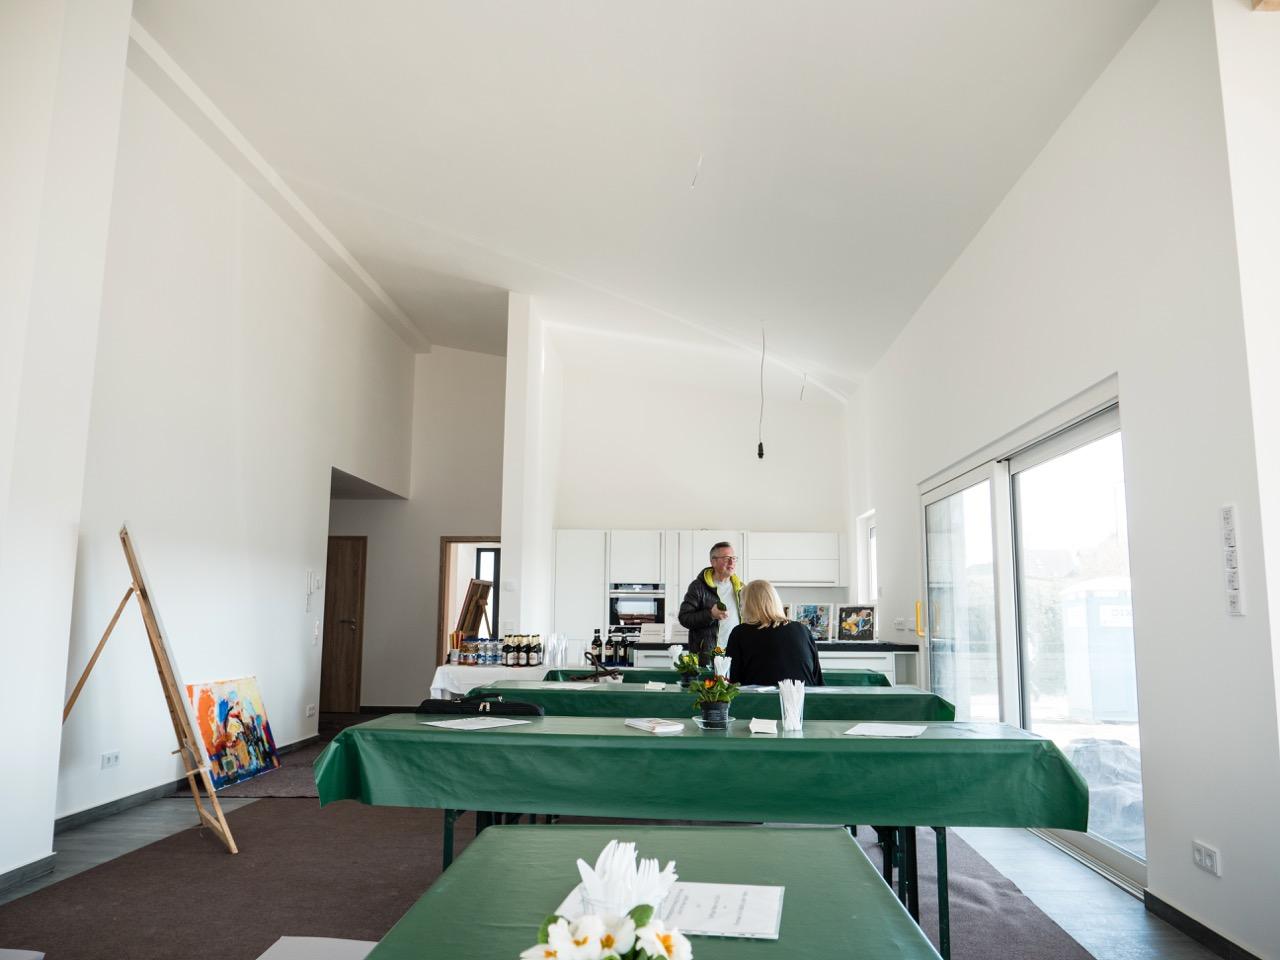 Hausbesichtigung Bundesverband Haus der Handwerker e.V. in Malmsheim